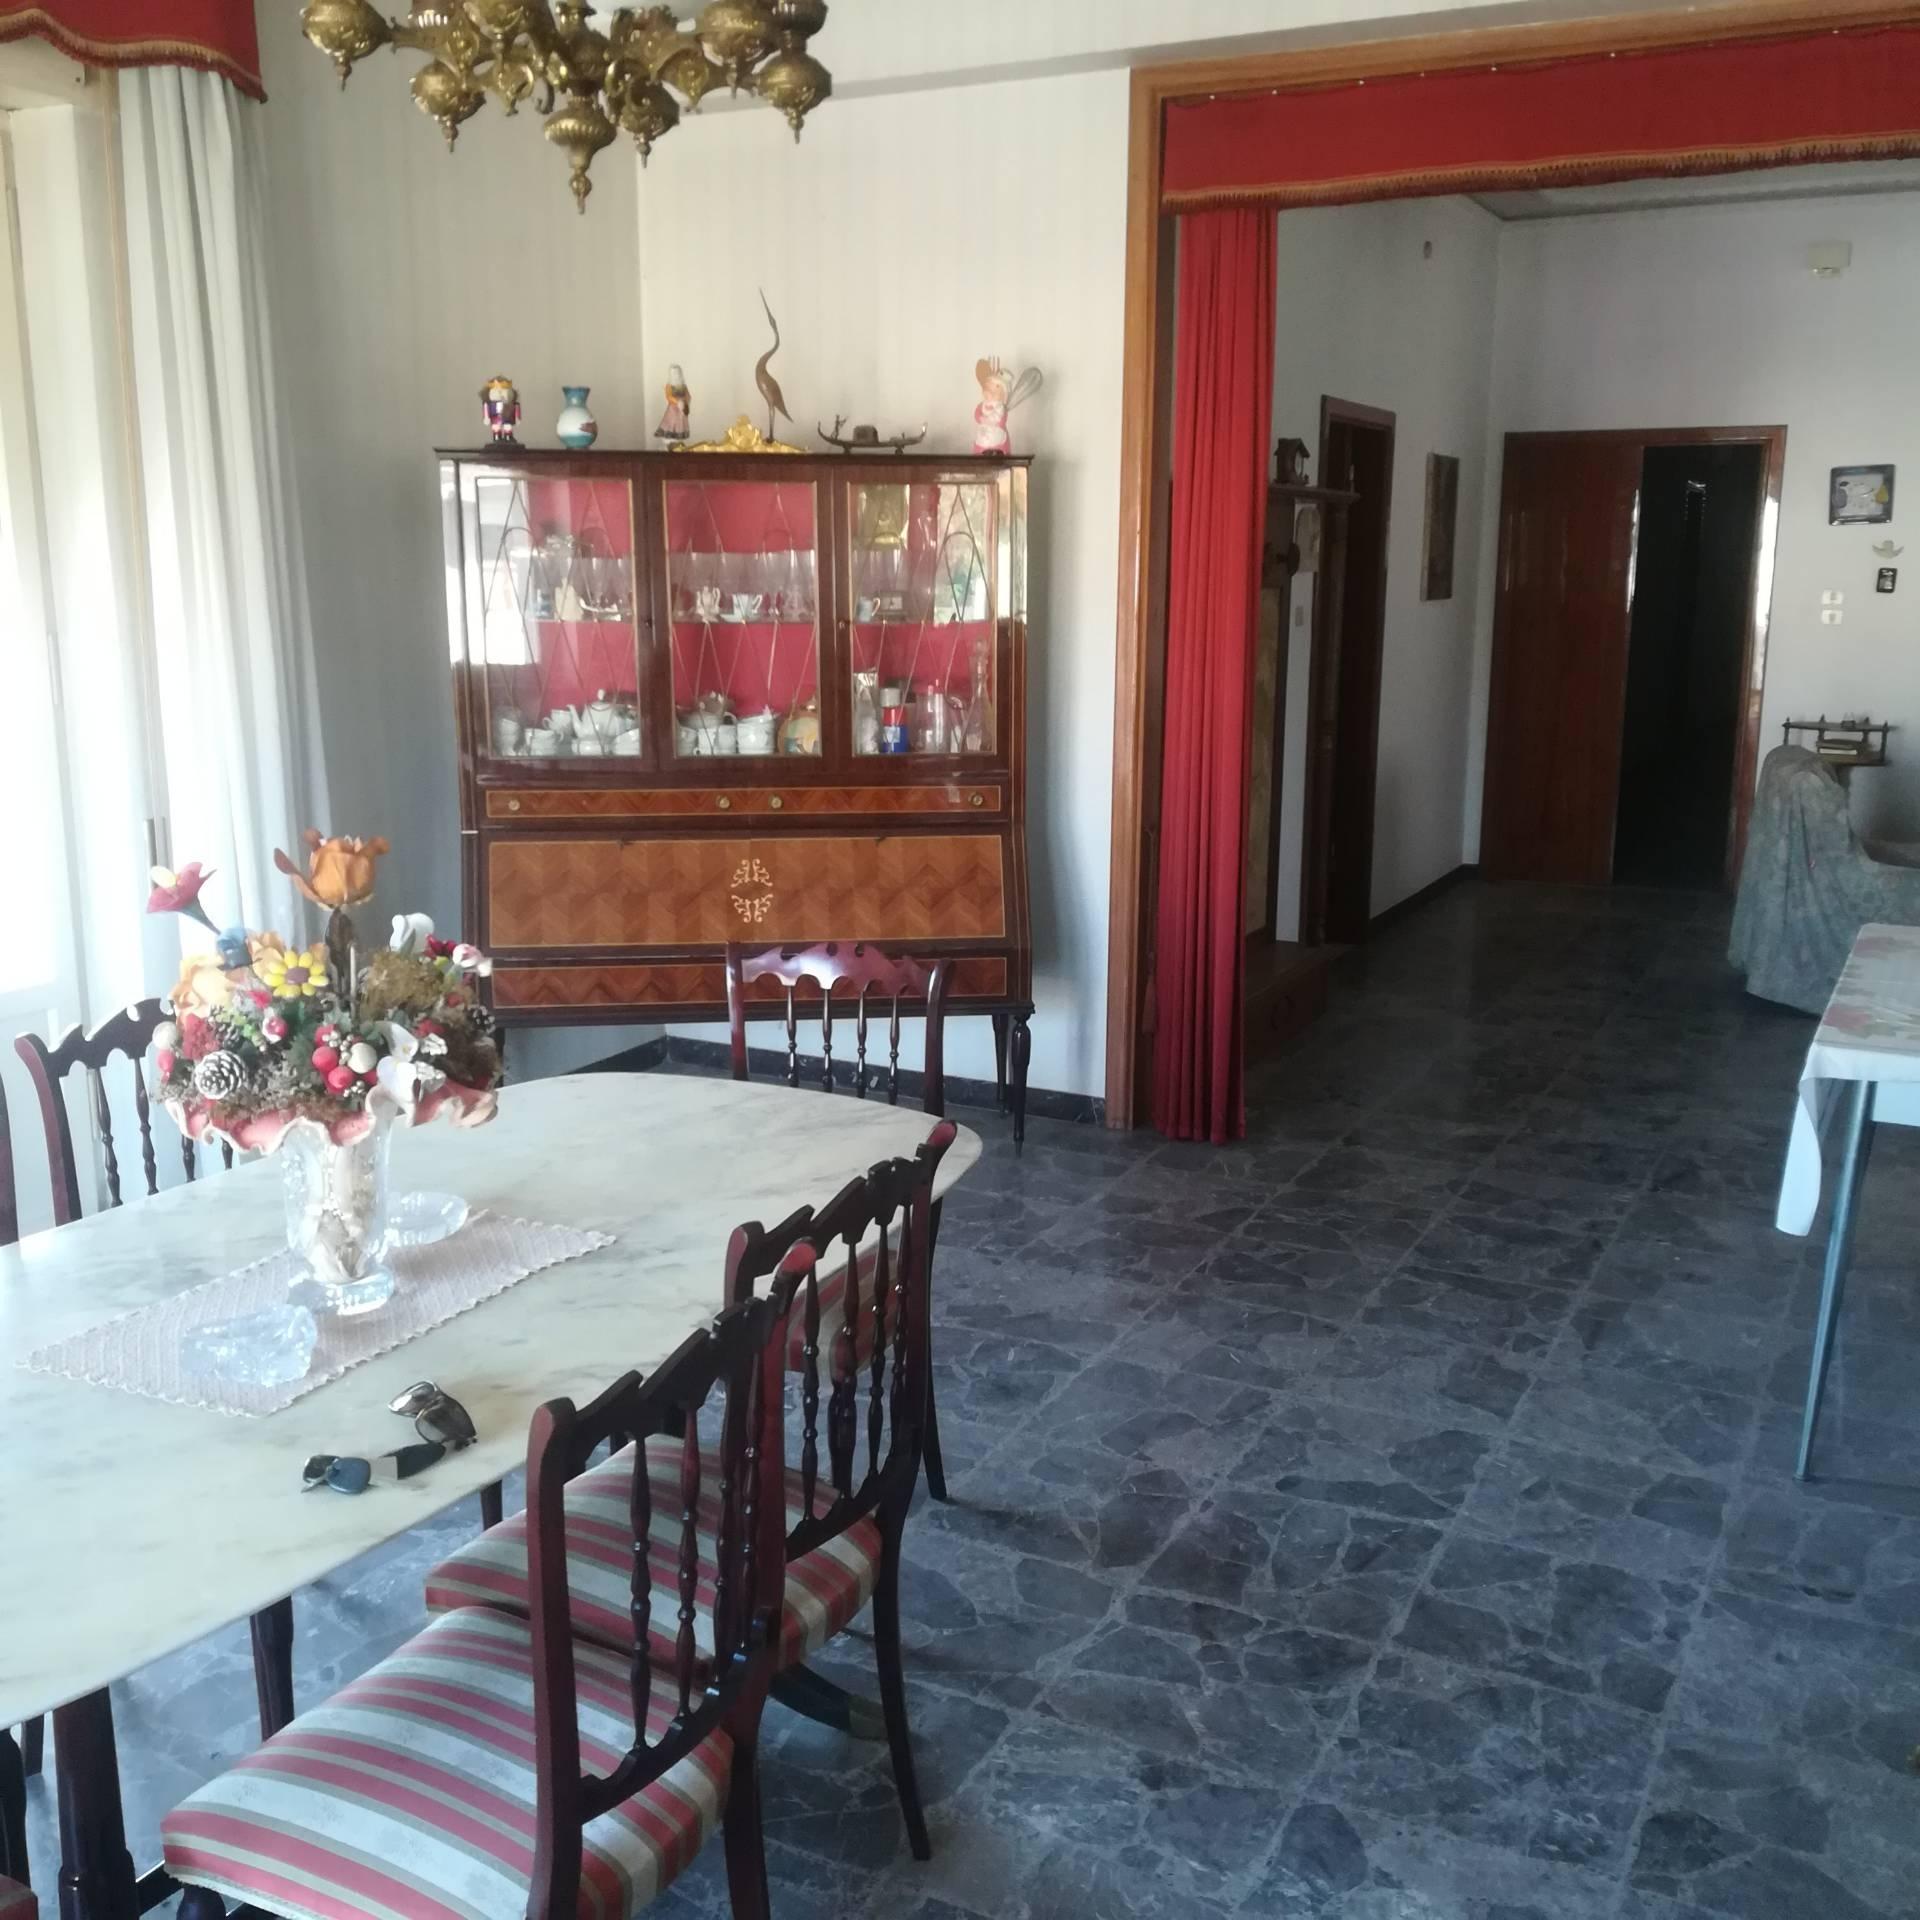 Appartamento in vendita a Rosciano, 9 locali, zona Località: VillaOliveti, prezzo € 99.000 | CambioCasa.it